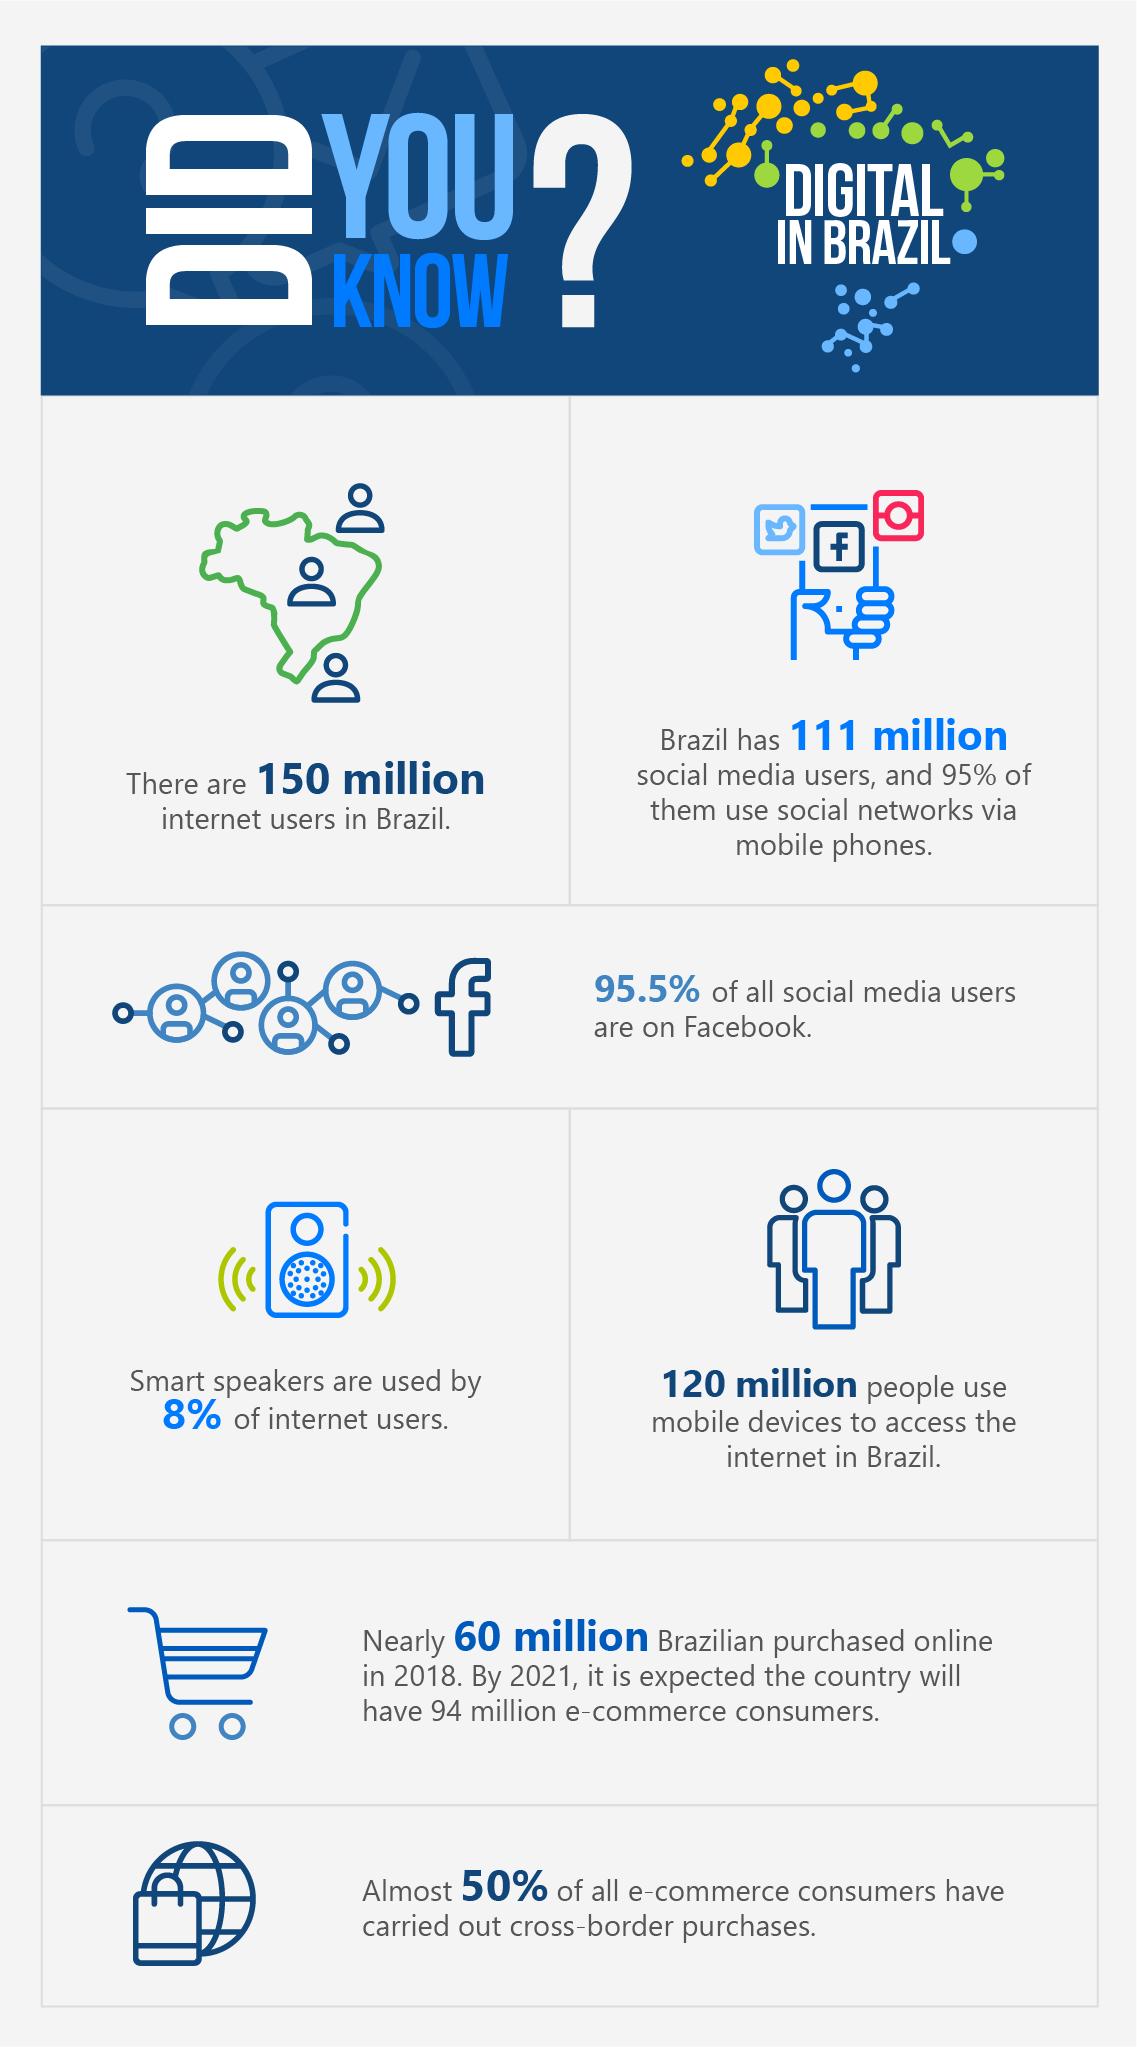 digital in brazil